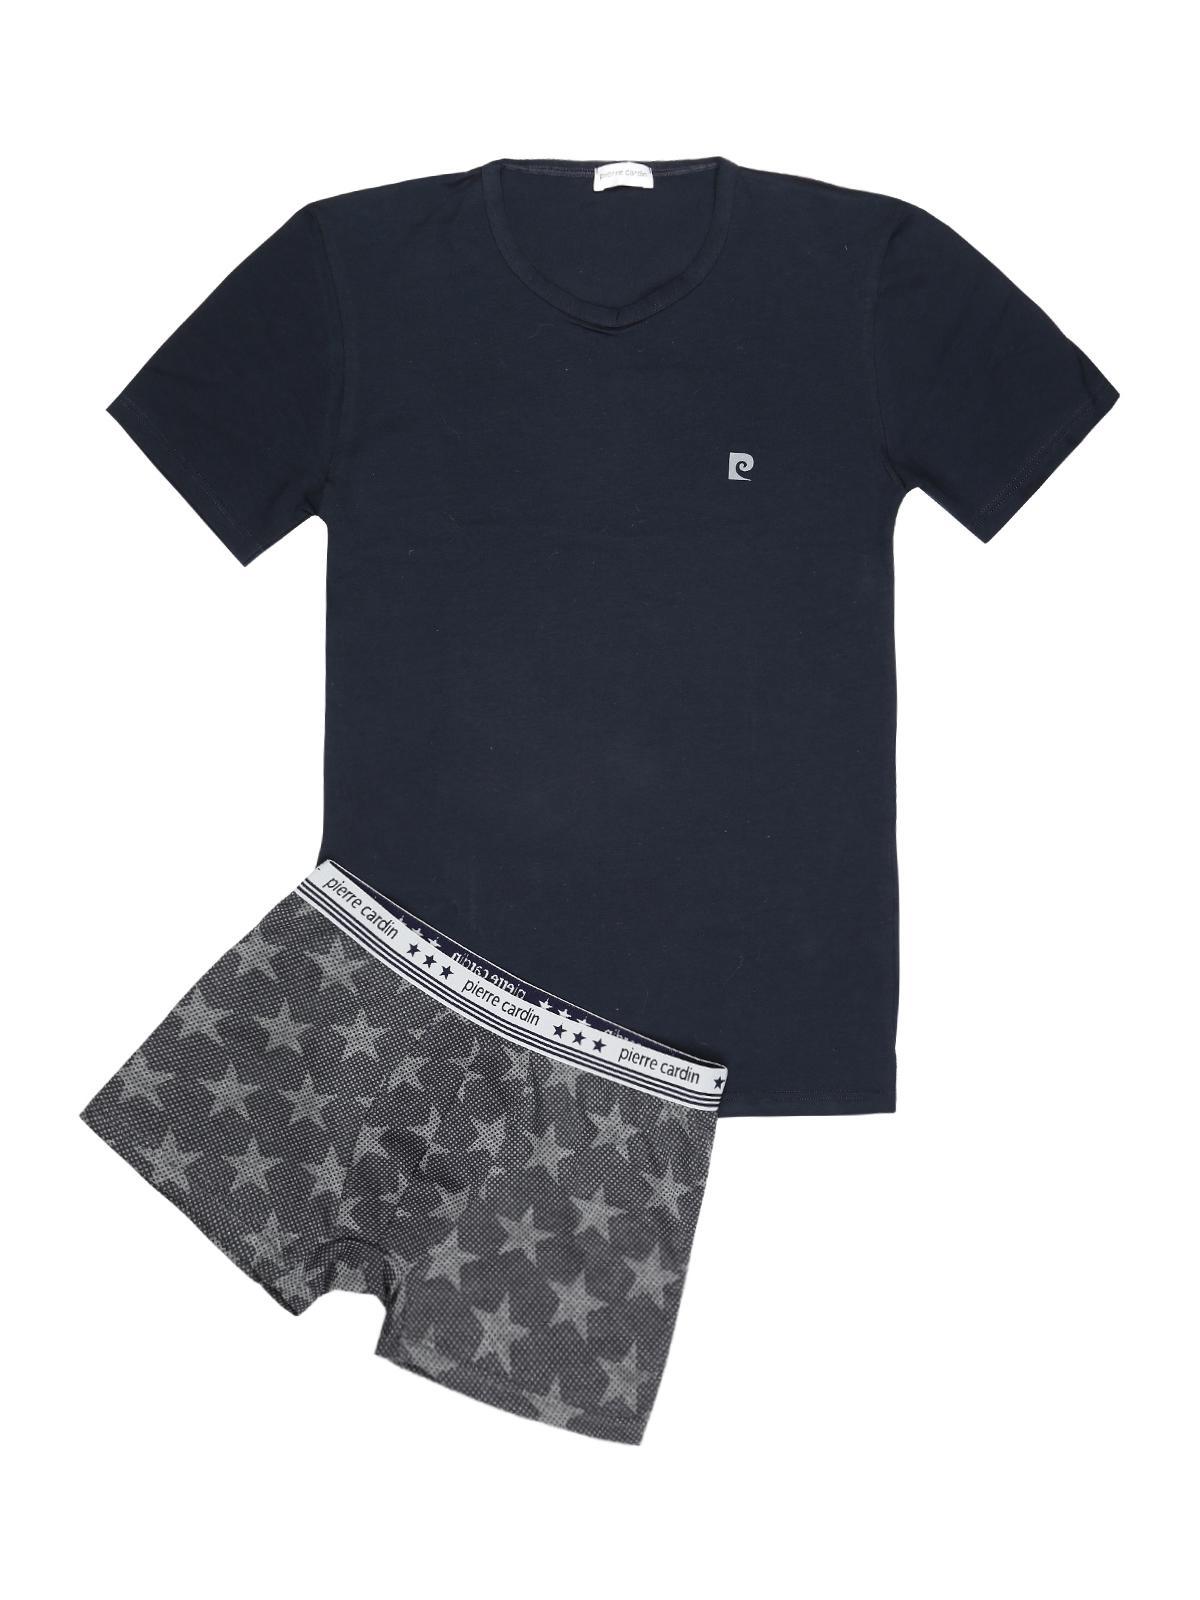 kinder Repliken Wählen Sie für offizielle pierre cardin Intimate T-shirt + star boxer - complete men& ...